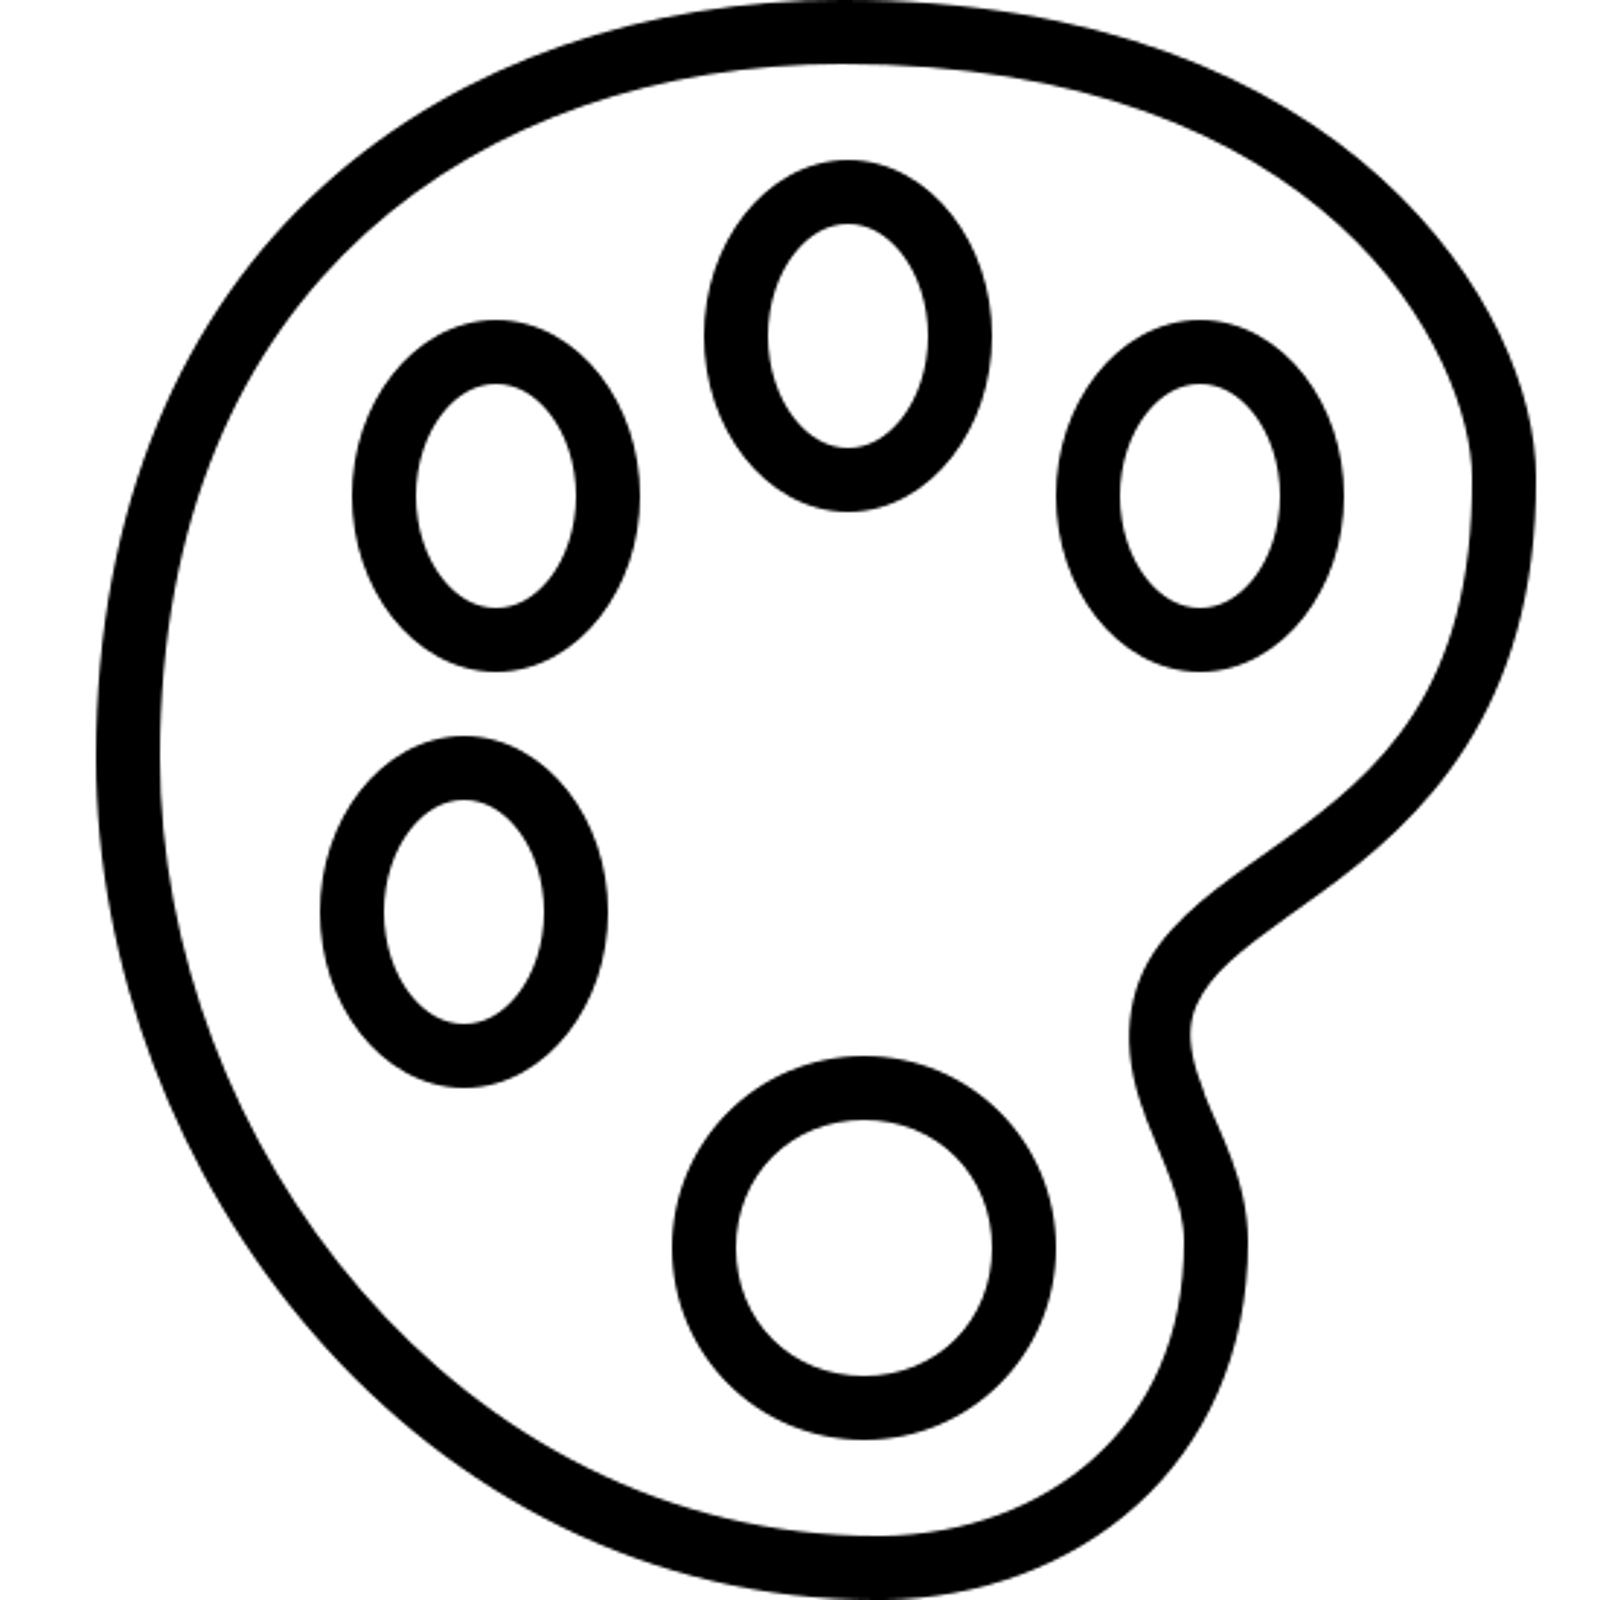 ペイントパレット icon. The icon is shaped like an oval that slightly resembles the letter C. Inside of it there are five circle shapes that almost go completely around it if it wasn't for the missing circle towards the middle right.